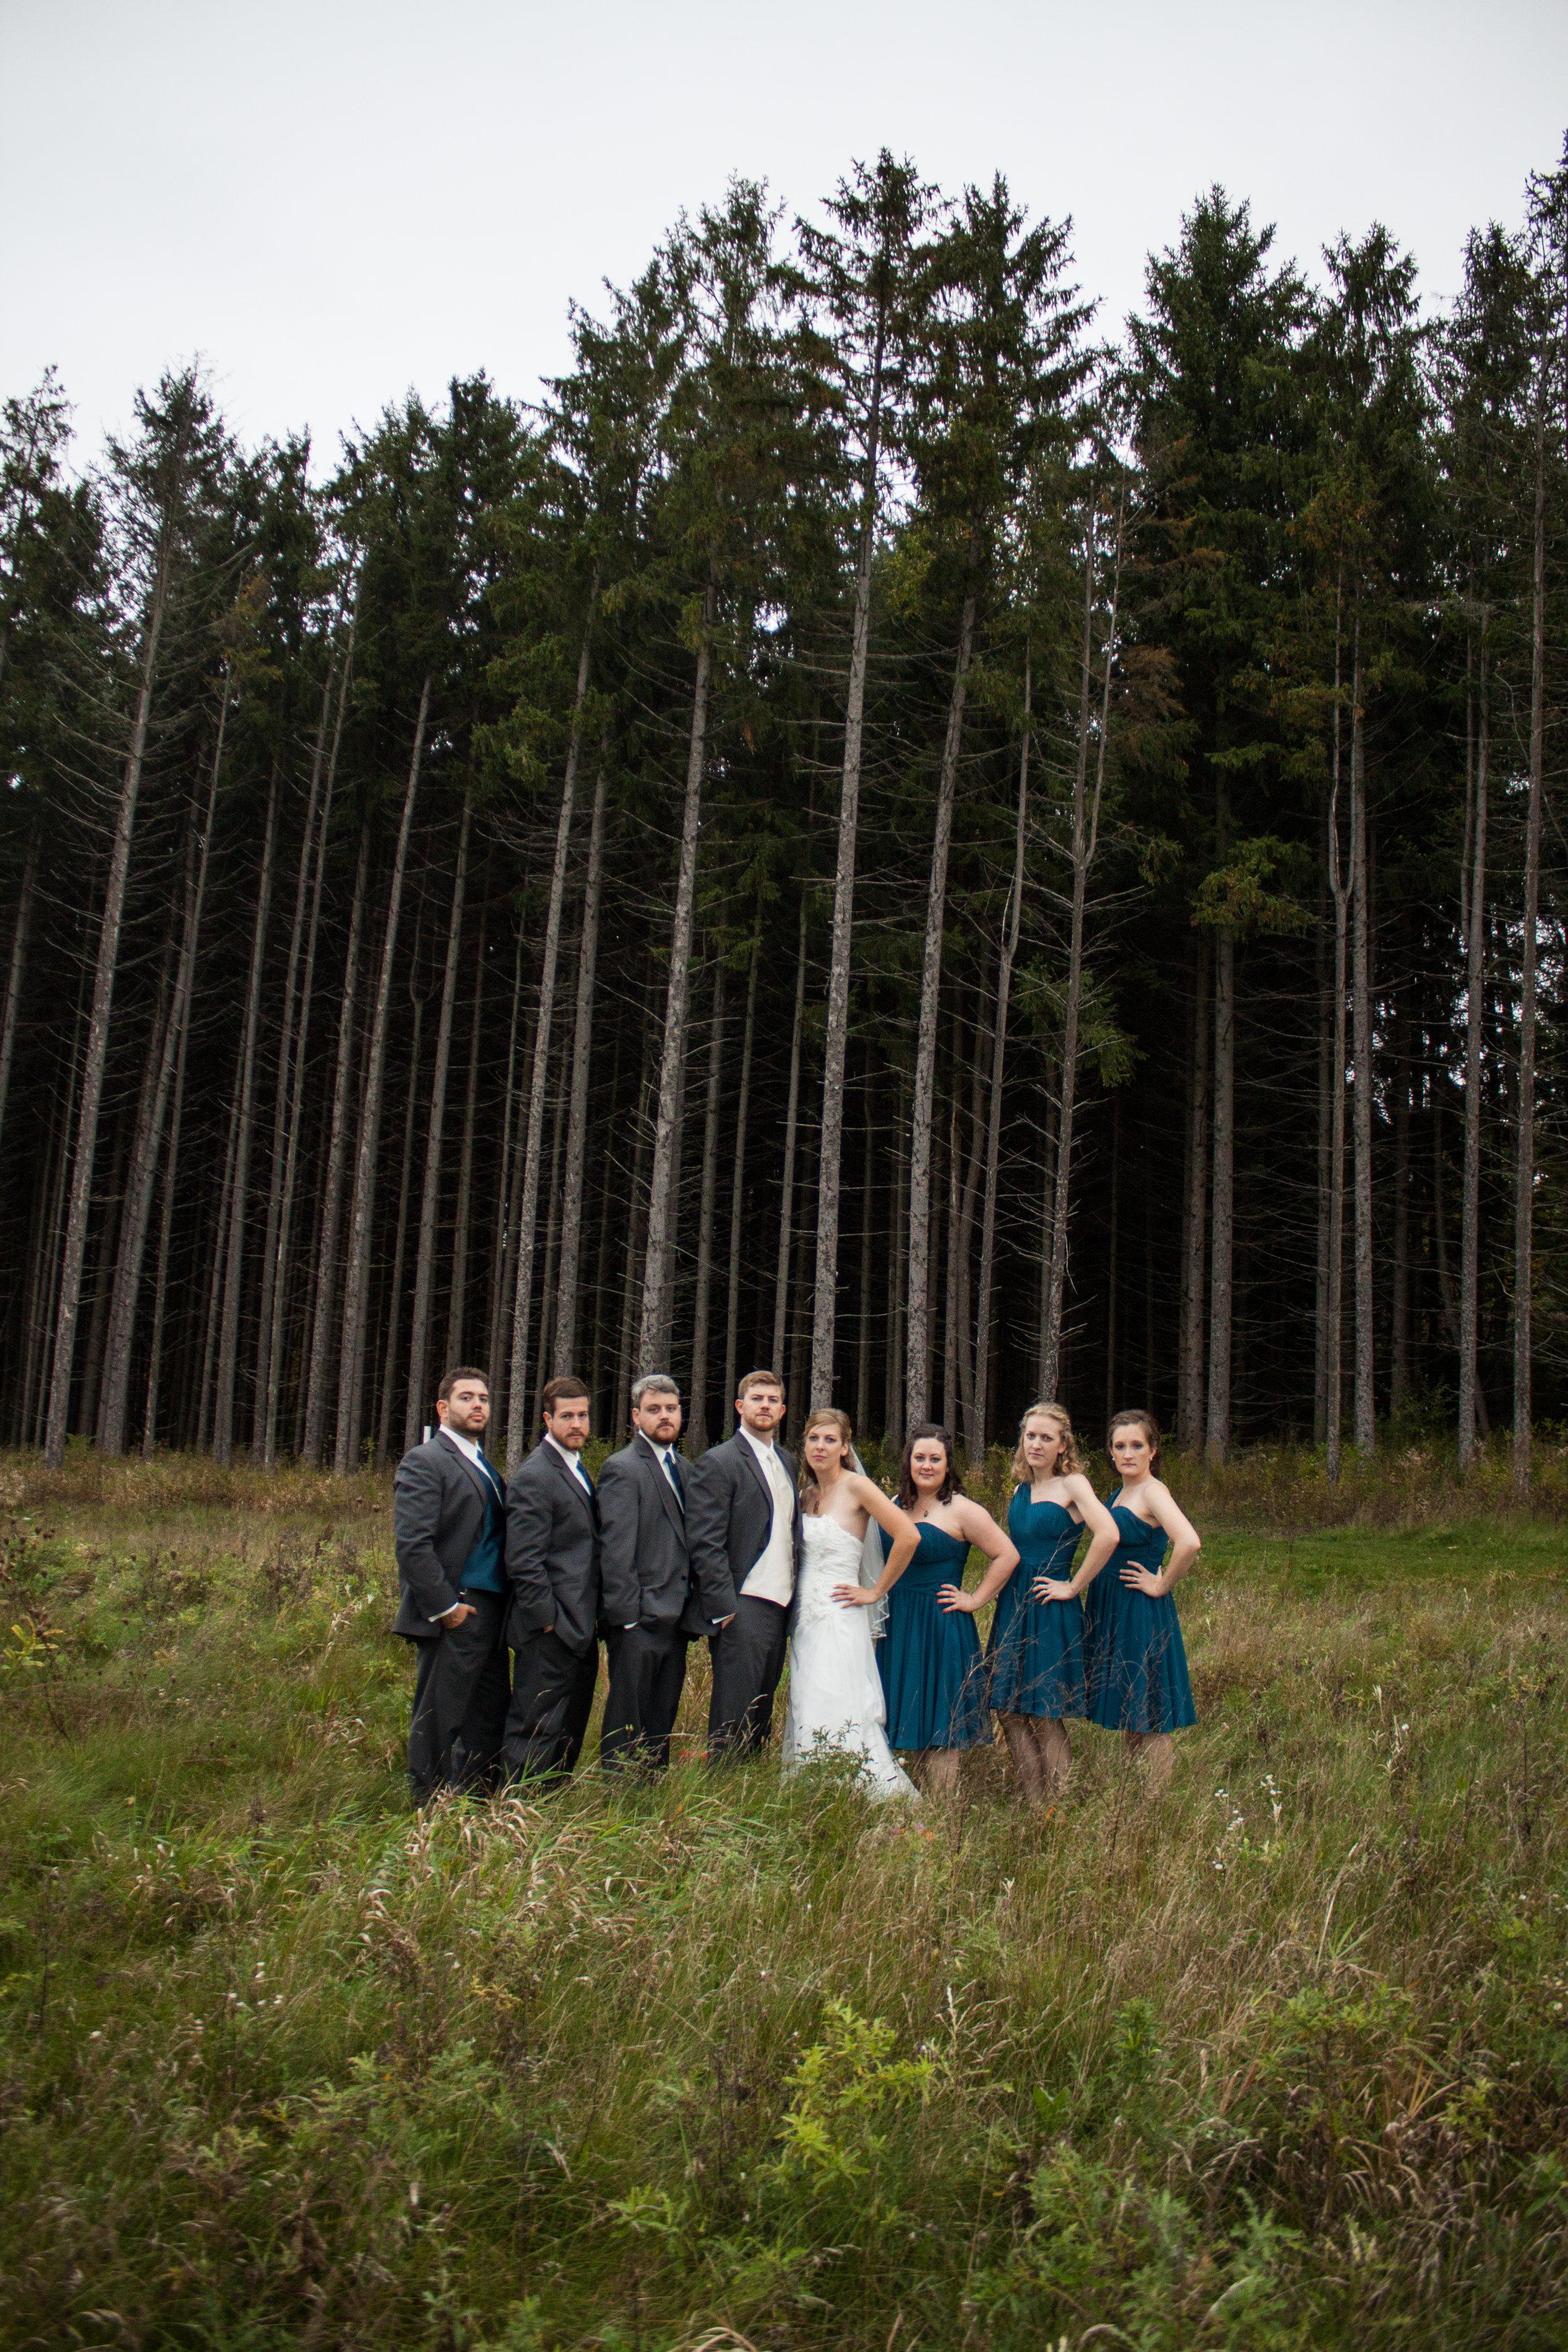 weddingportraits-wisconsinphotography-katydaixonphotography.jpg